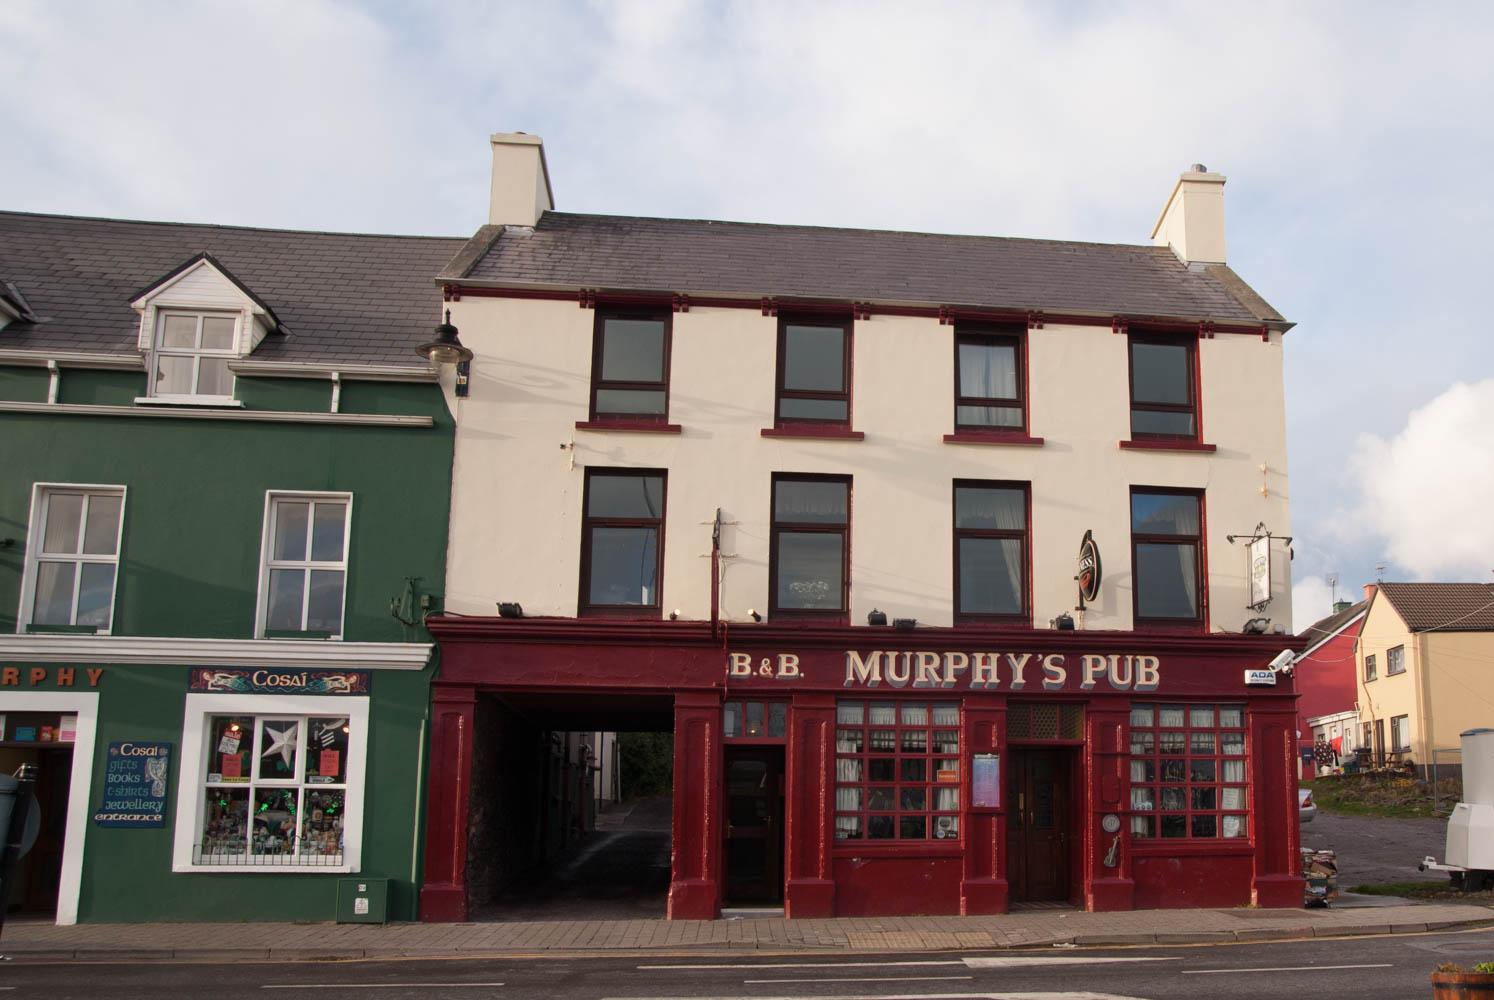 Murphy's Pub is a famous pub.